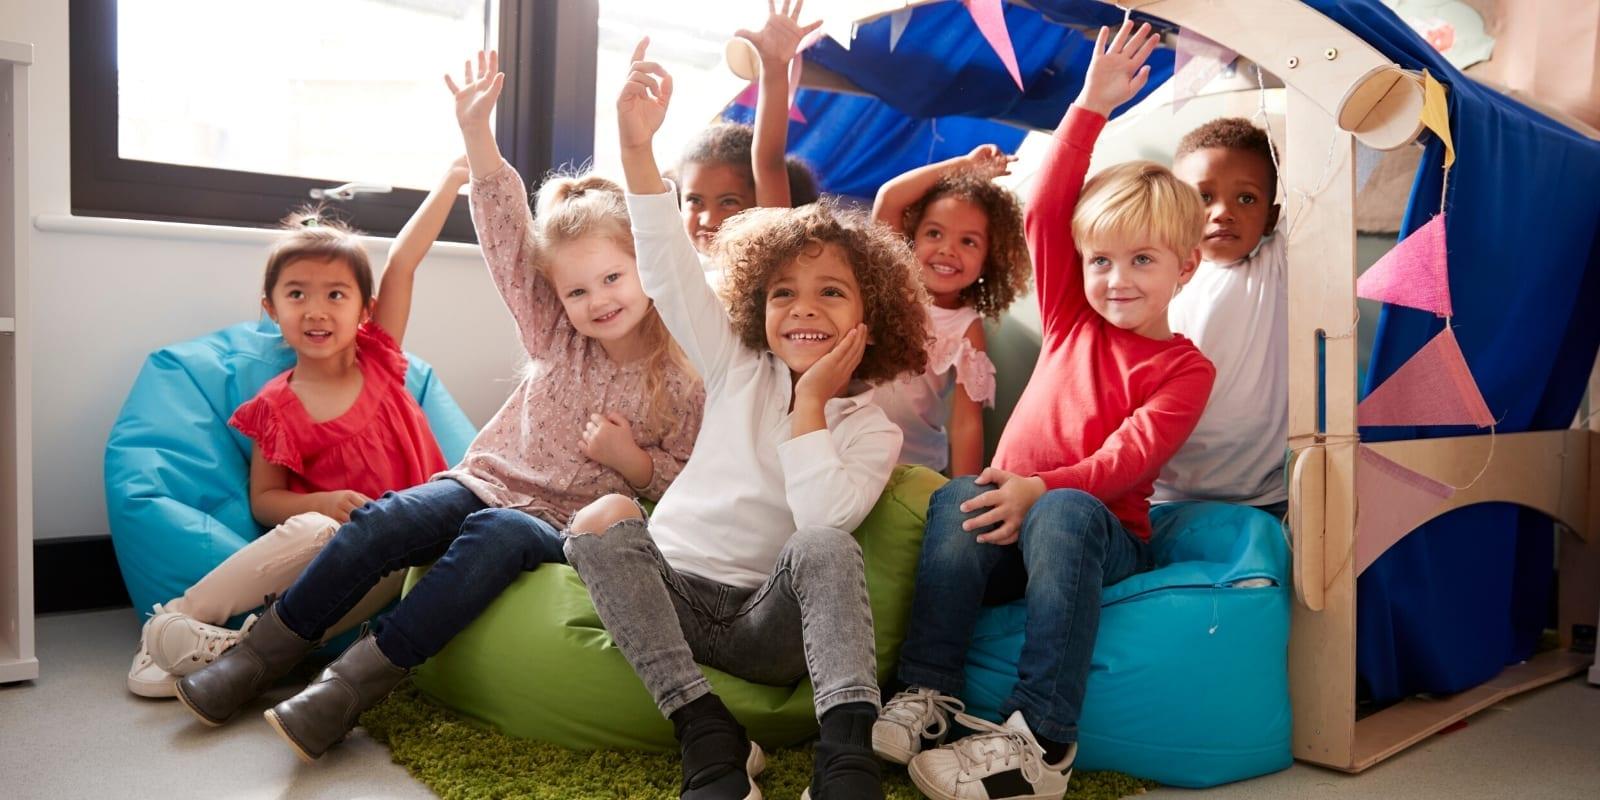 5 Benefits Children Can Gain From Volunteering